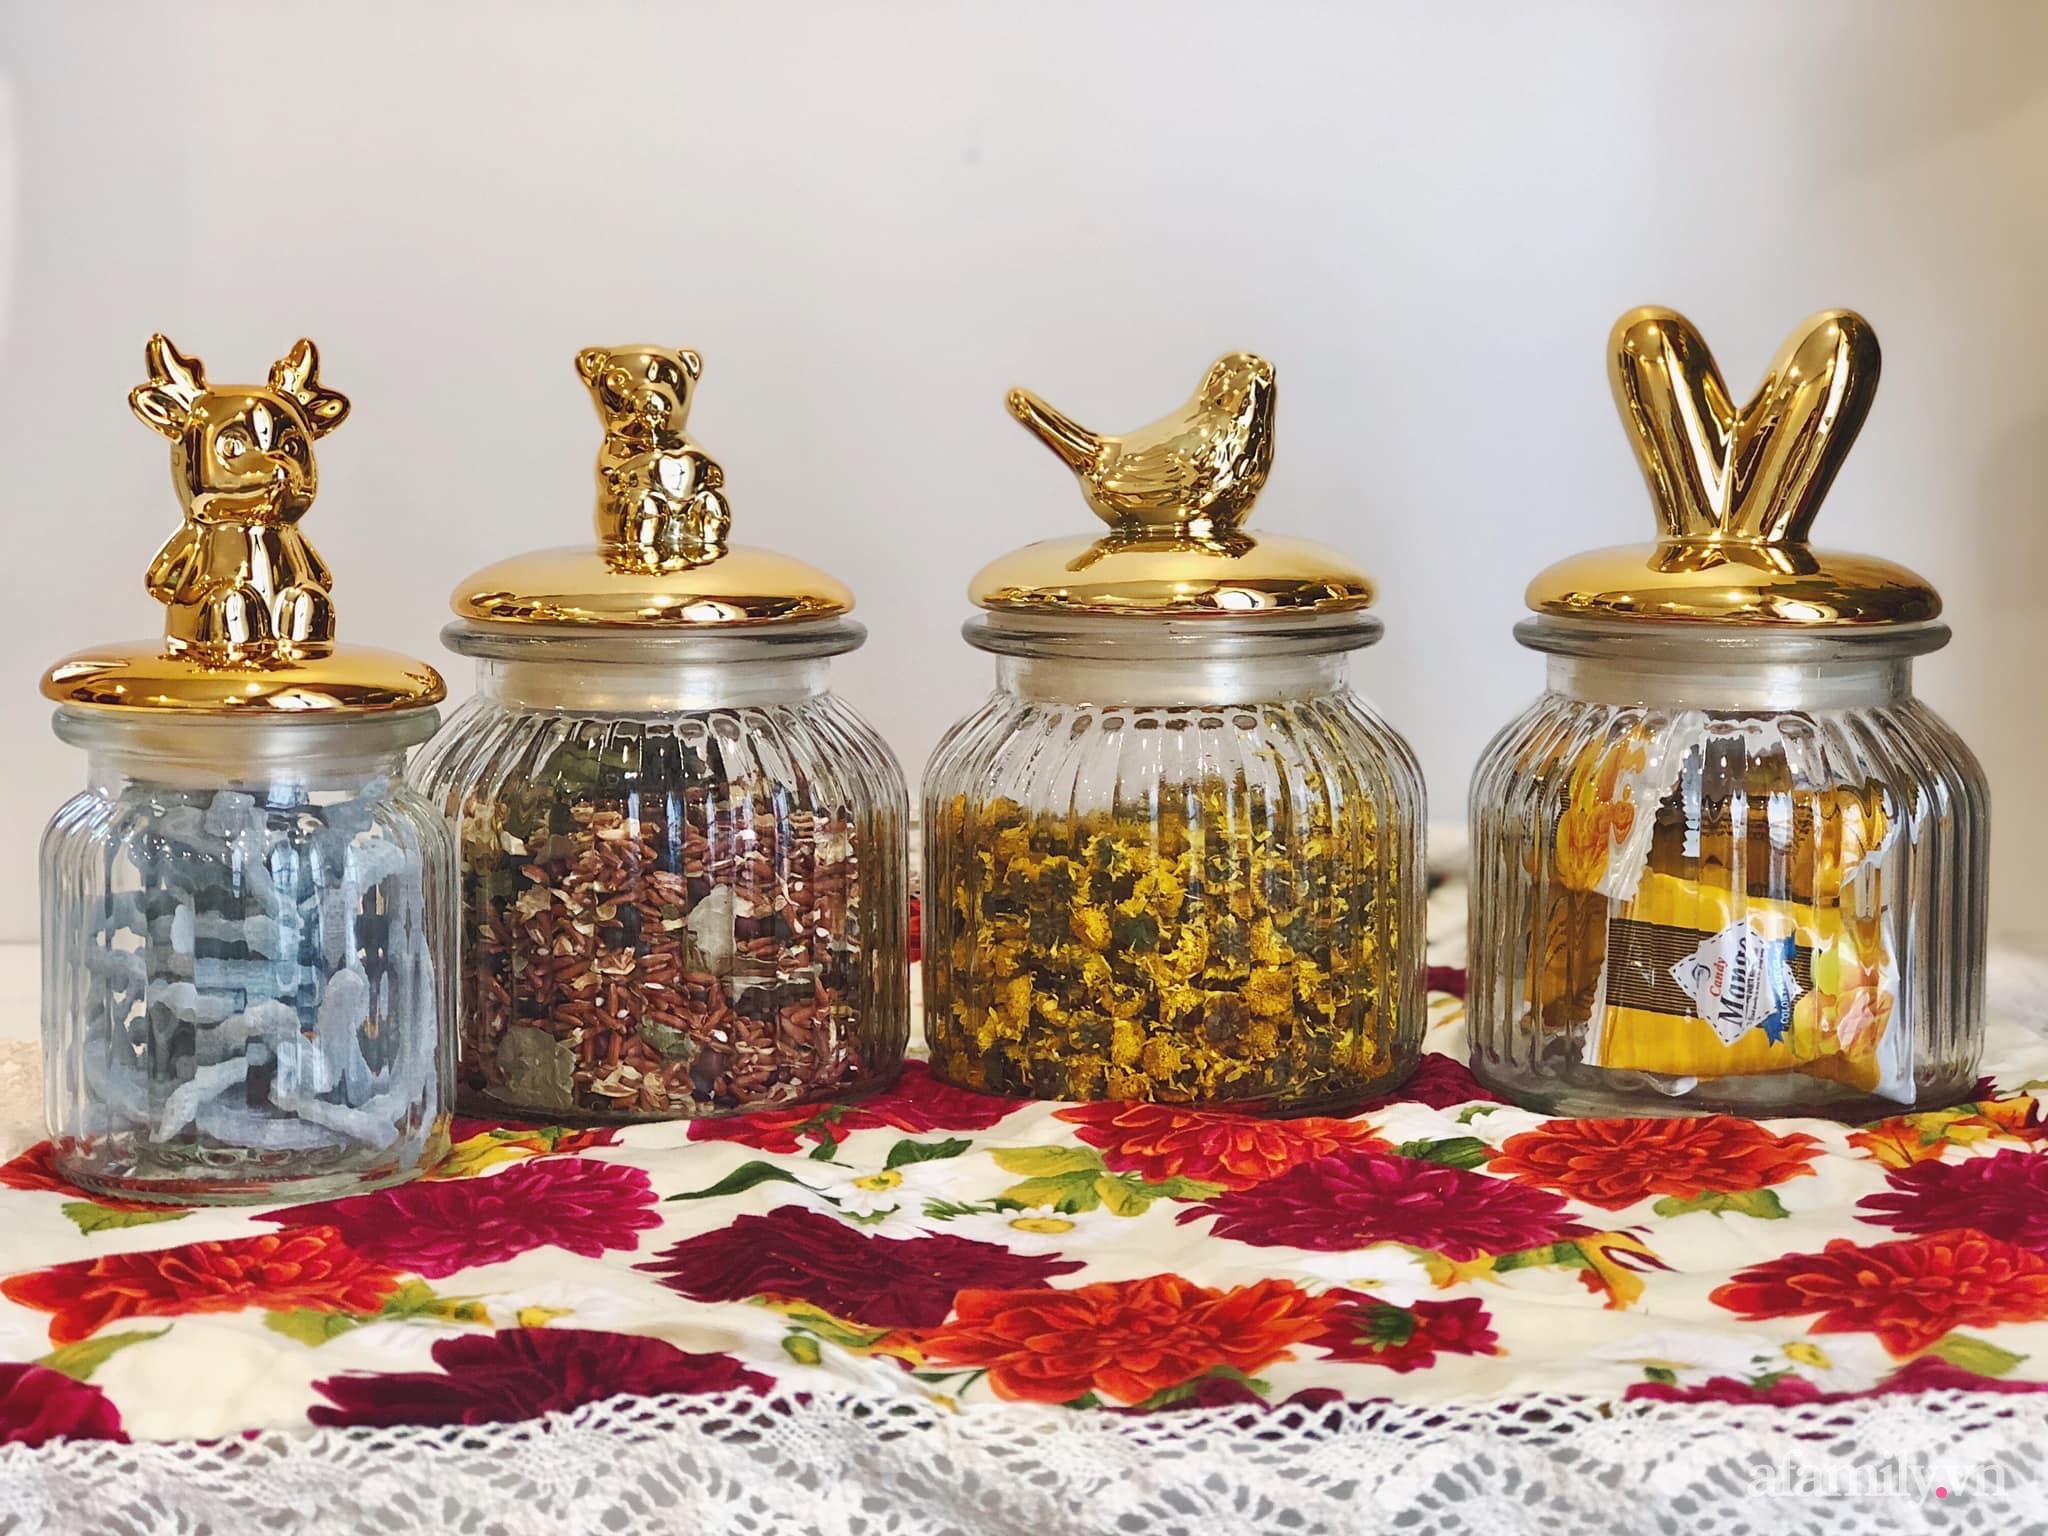 Mẻ đảm Hà Nội khéo mang Tết vào tổ ấm đẹp duyên dáng với gốm và hoa - Ảnh 14.